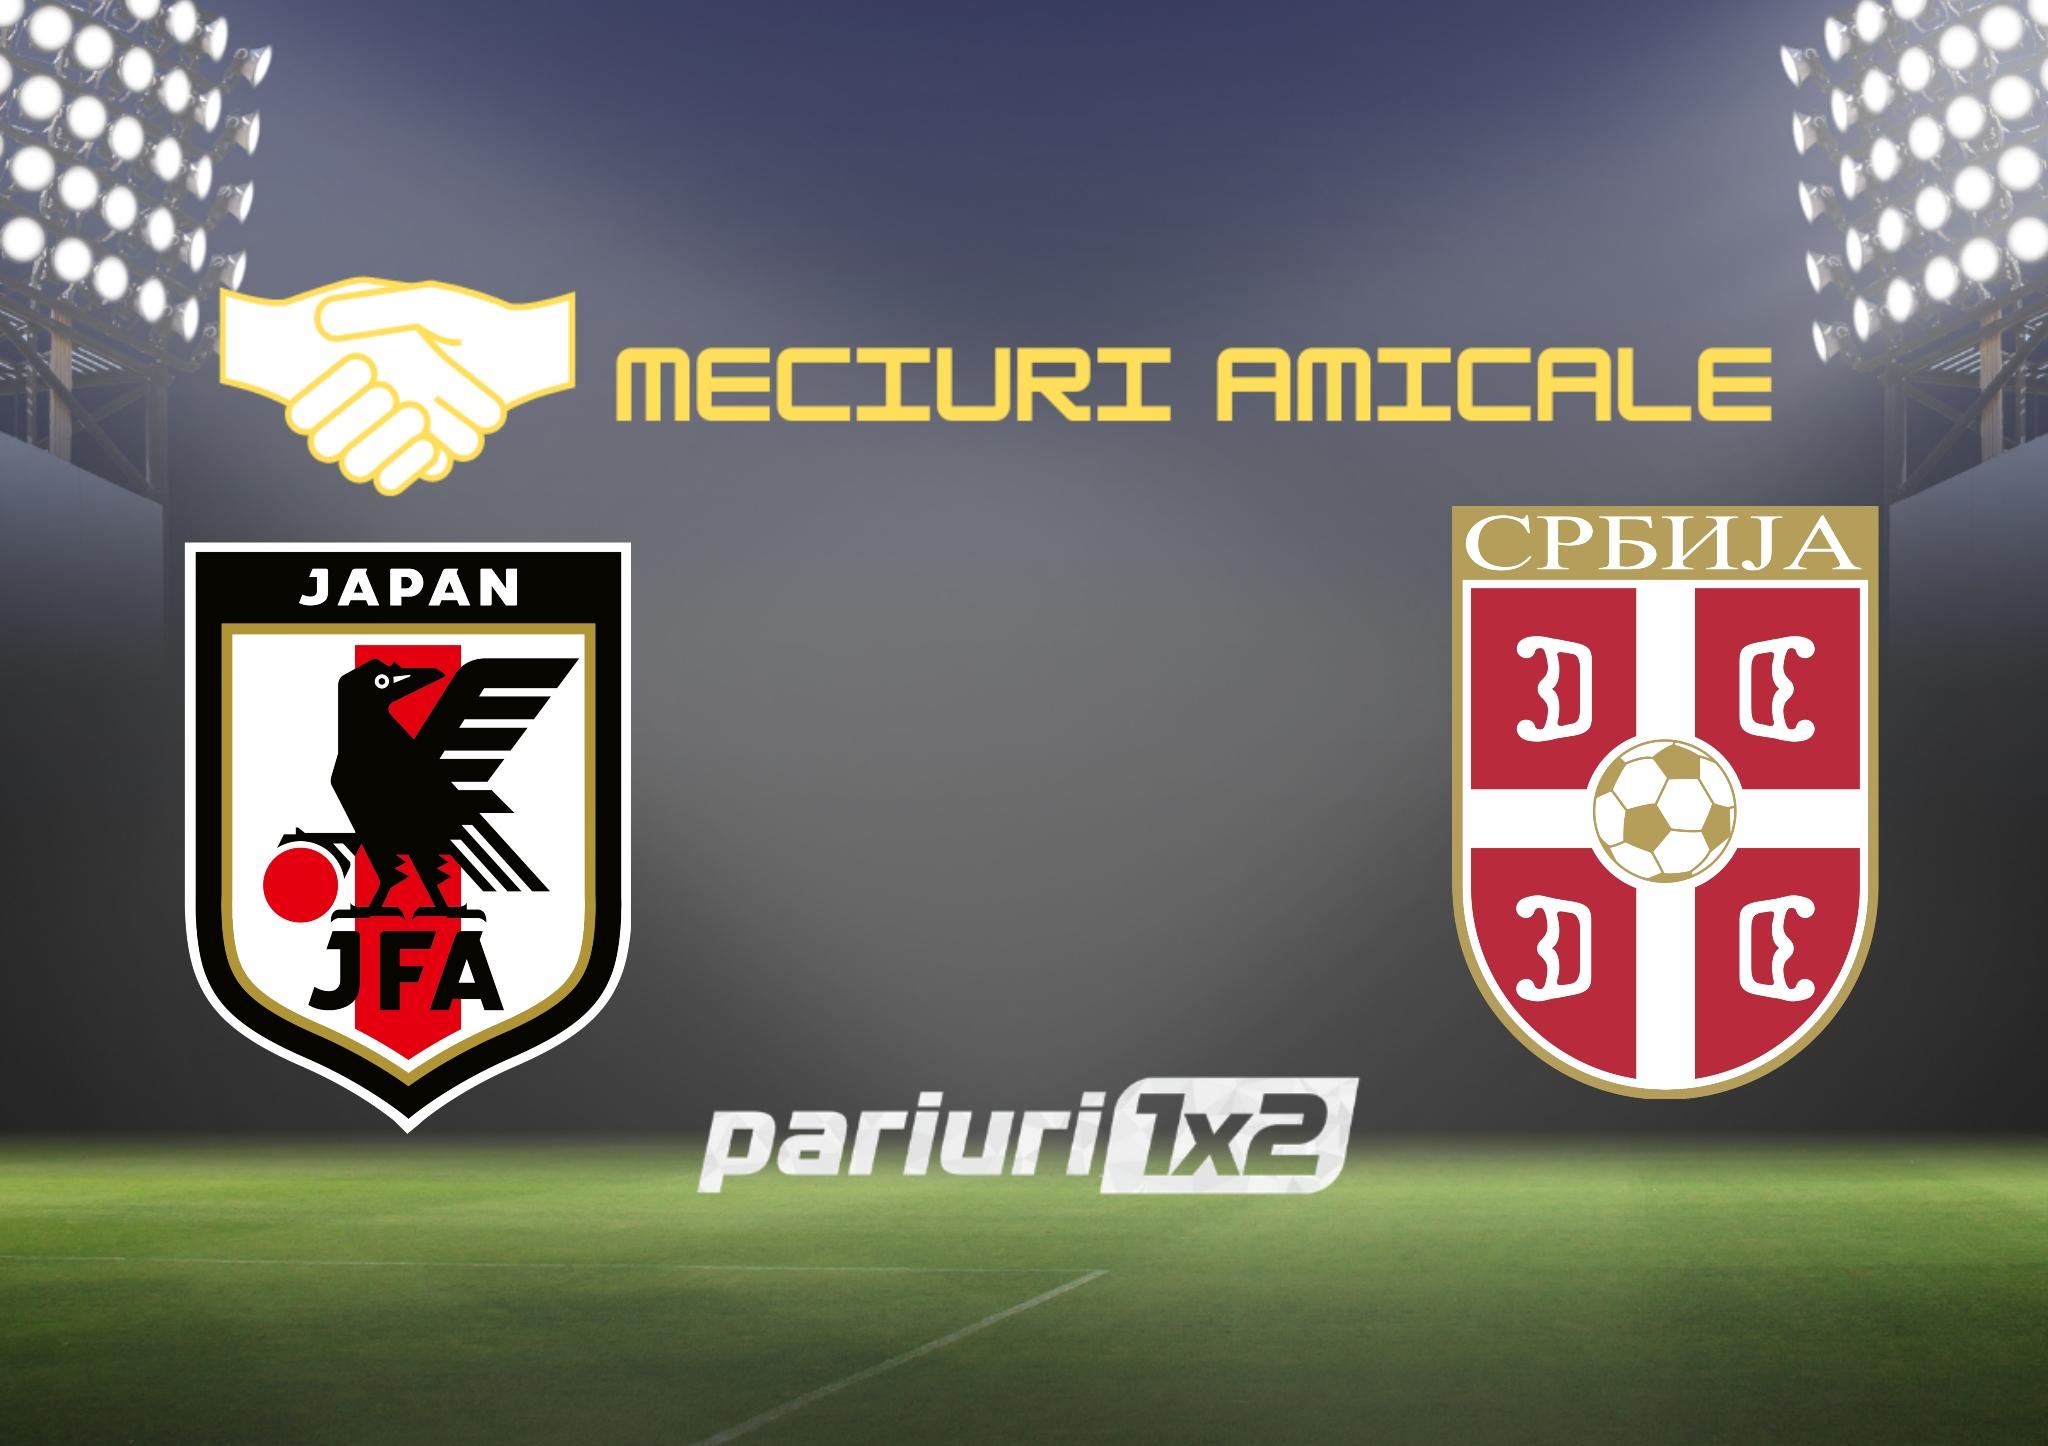 japonia-serbia